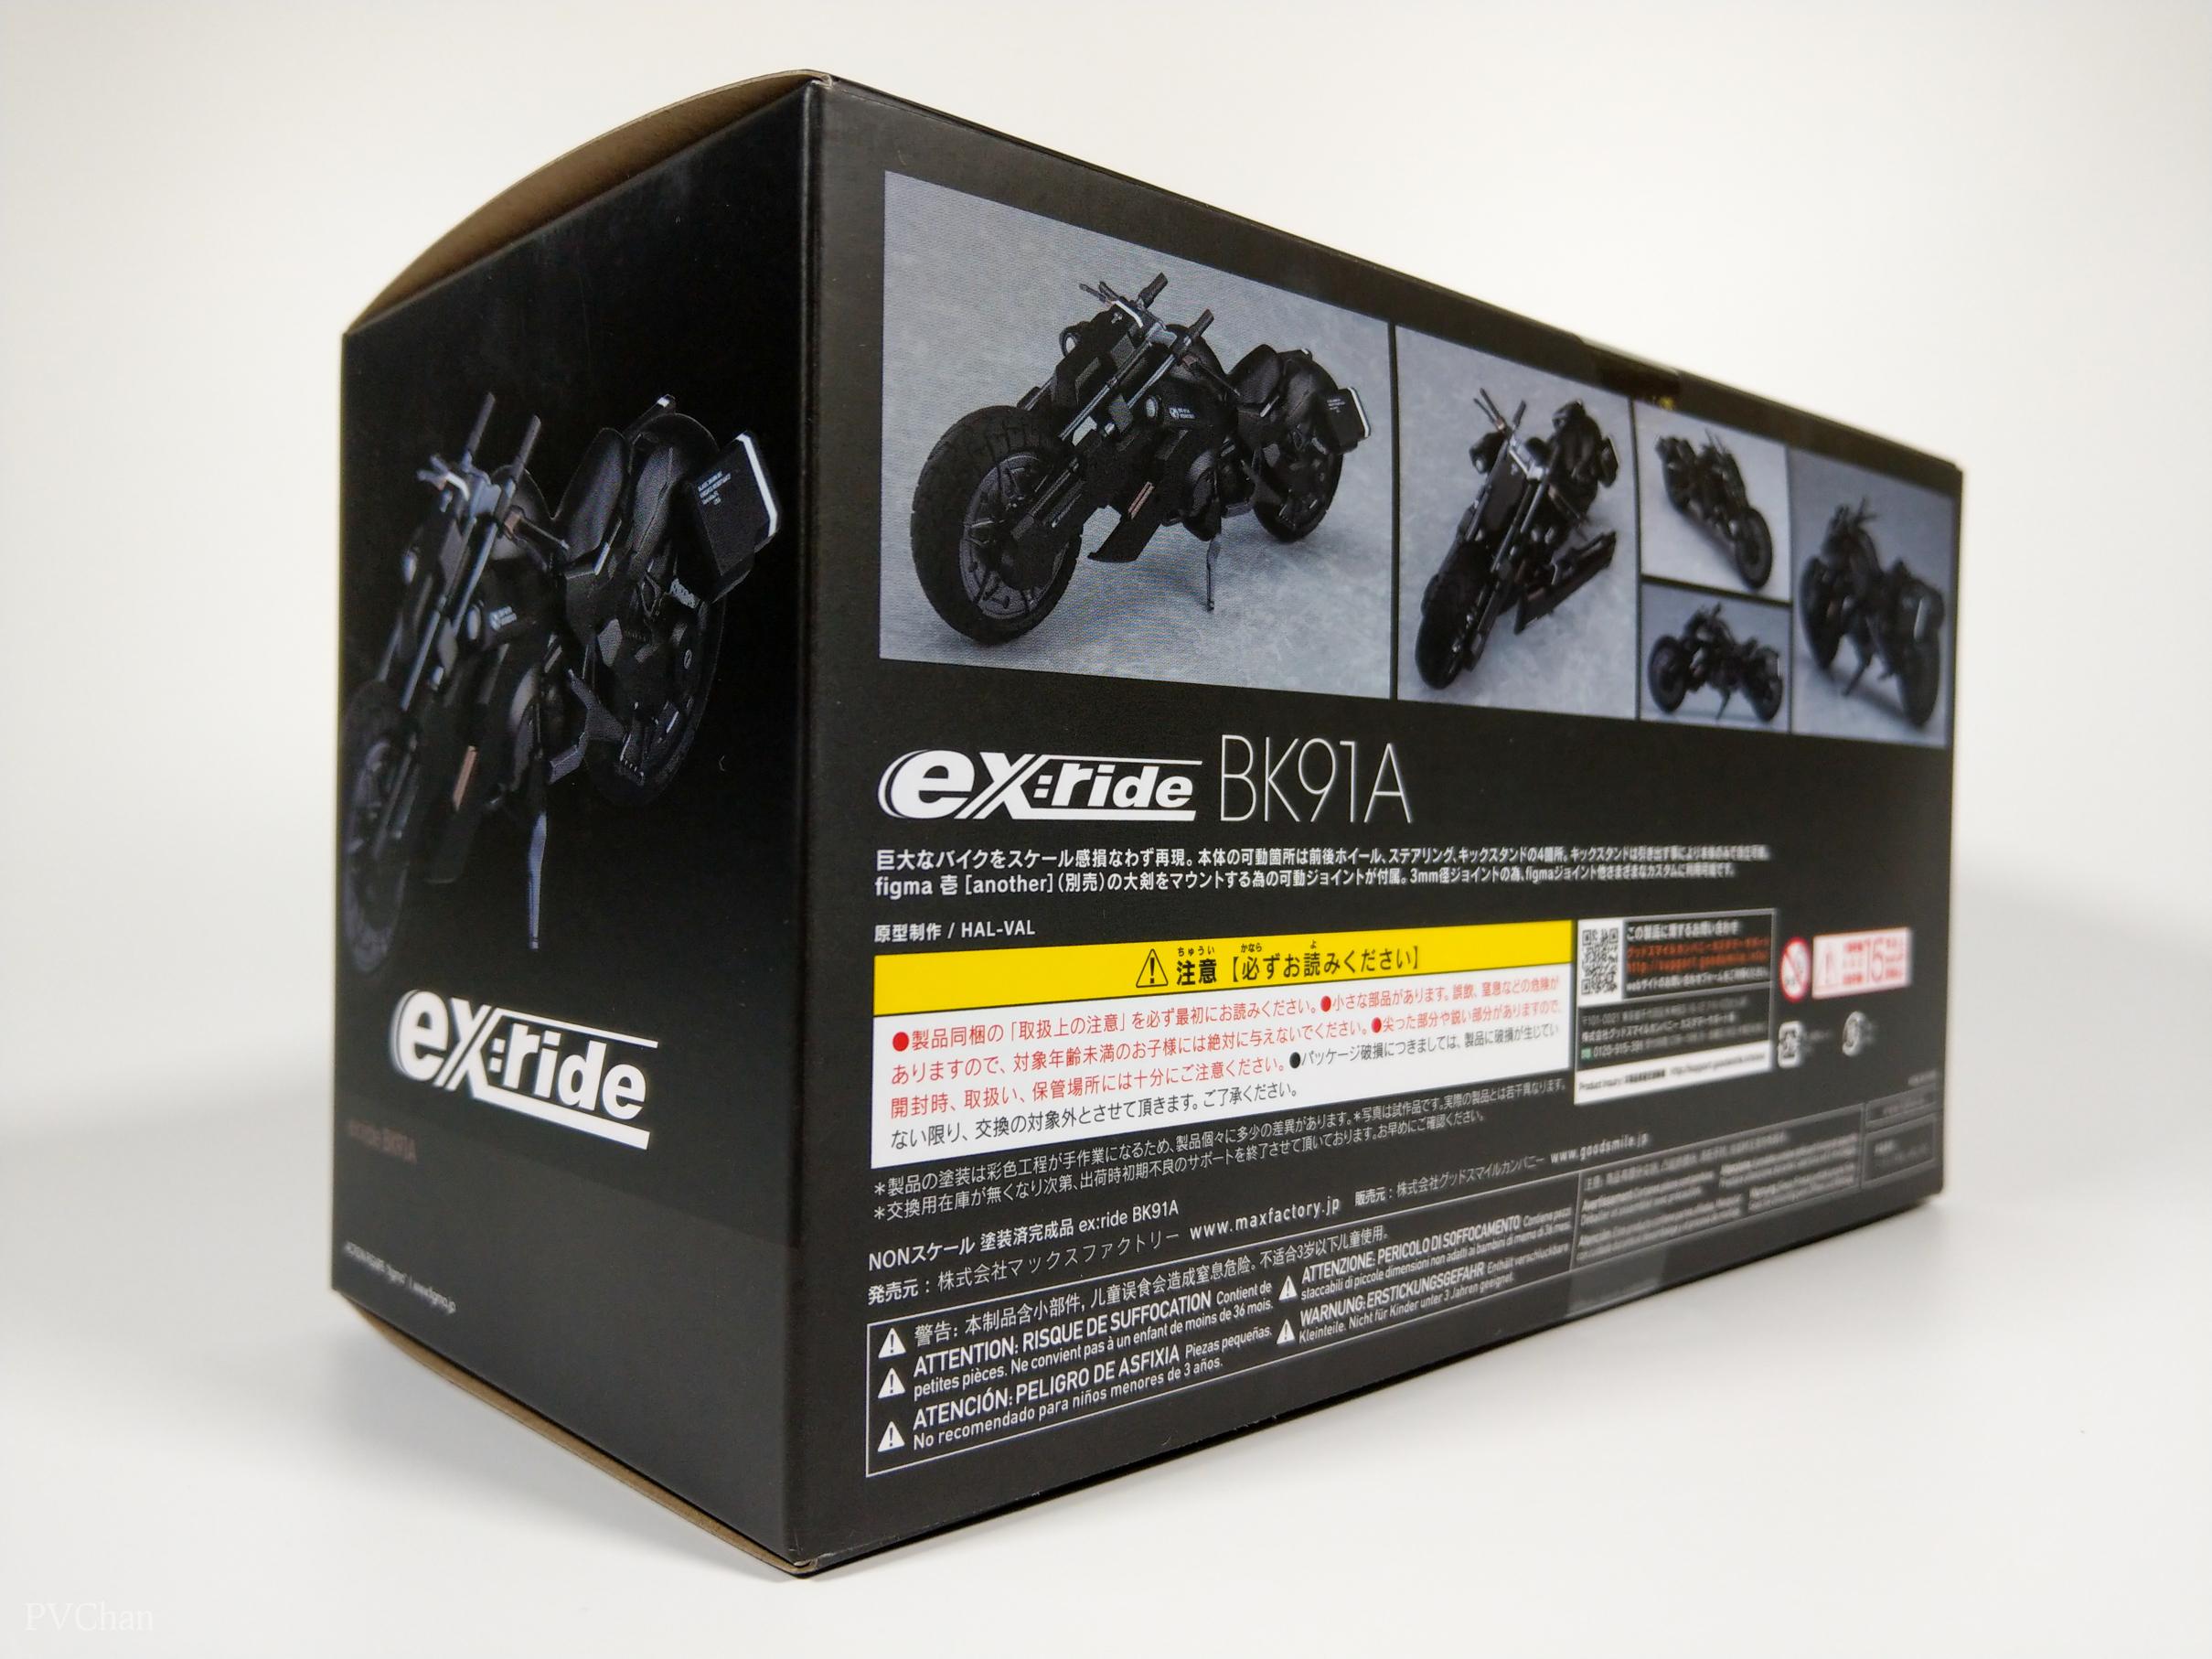 Необычное пополнение коллекции - байк из серии ex:ride от Max Factory. - Изображение 3